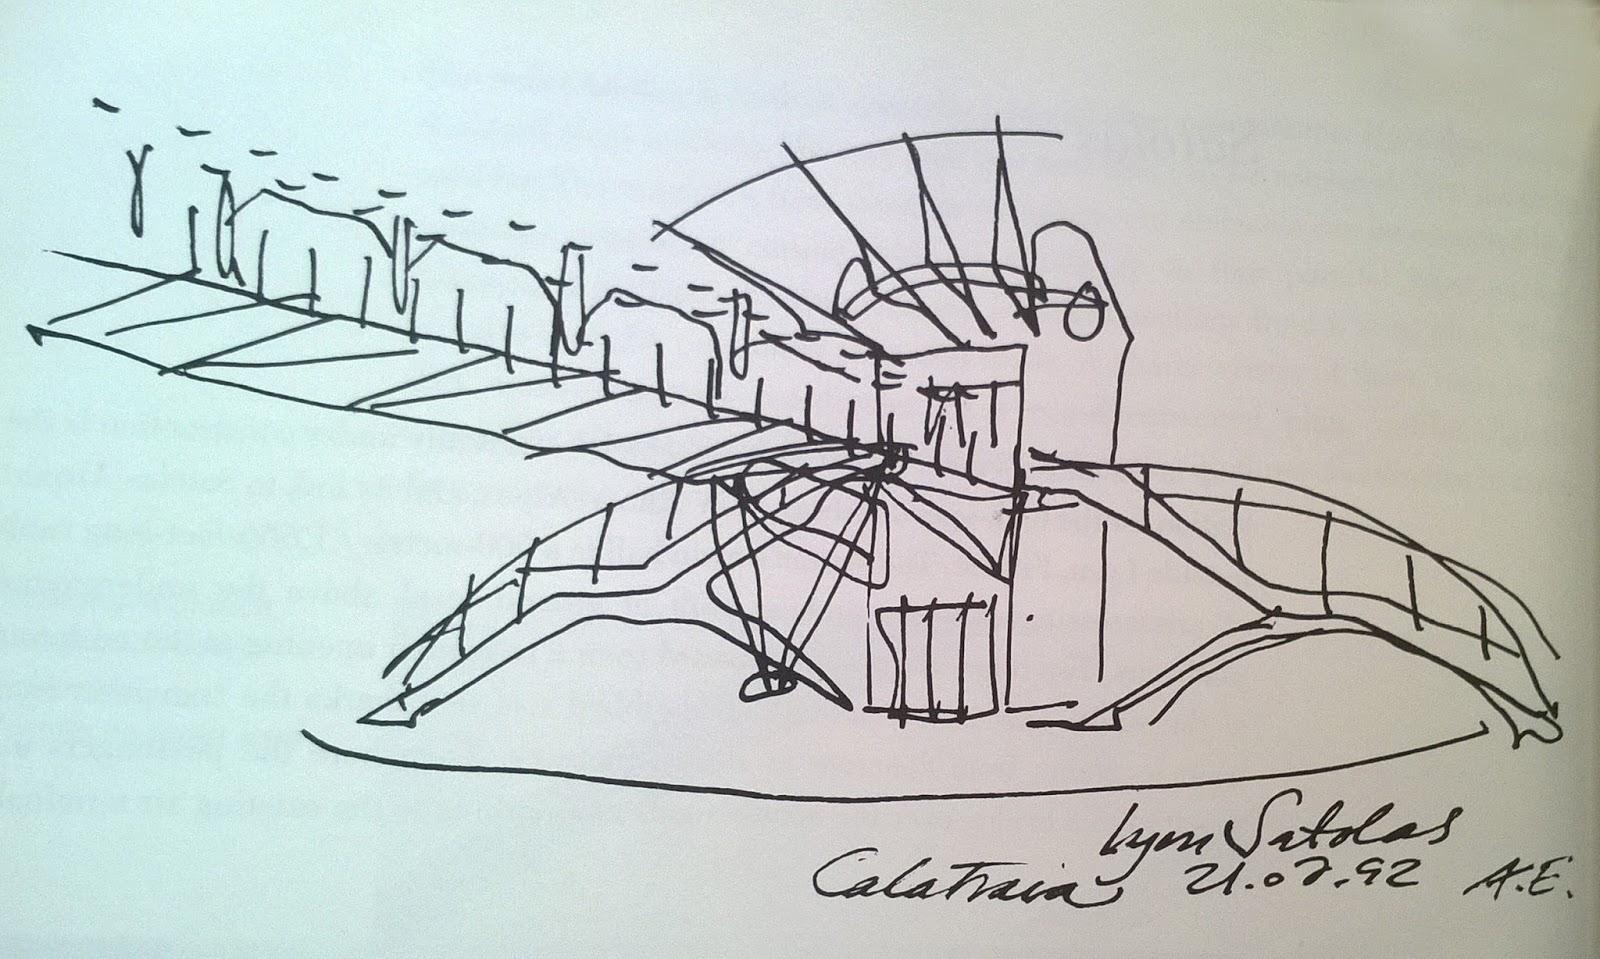 bản vẻ tay của kiến trúc sư calatrava